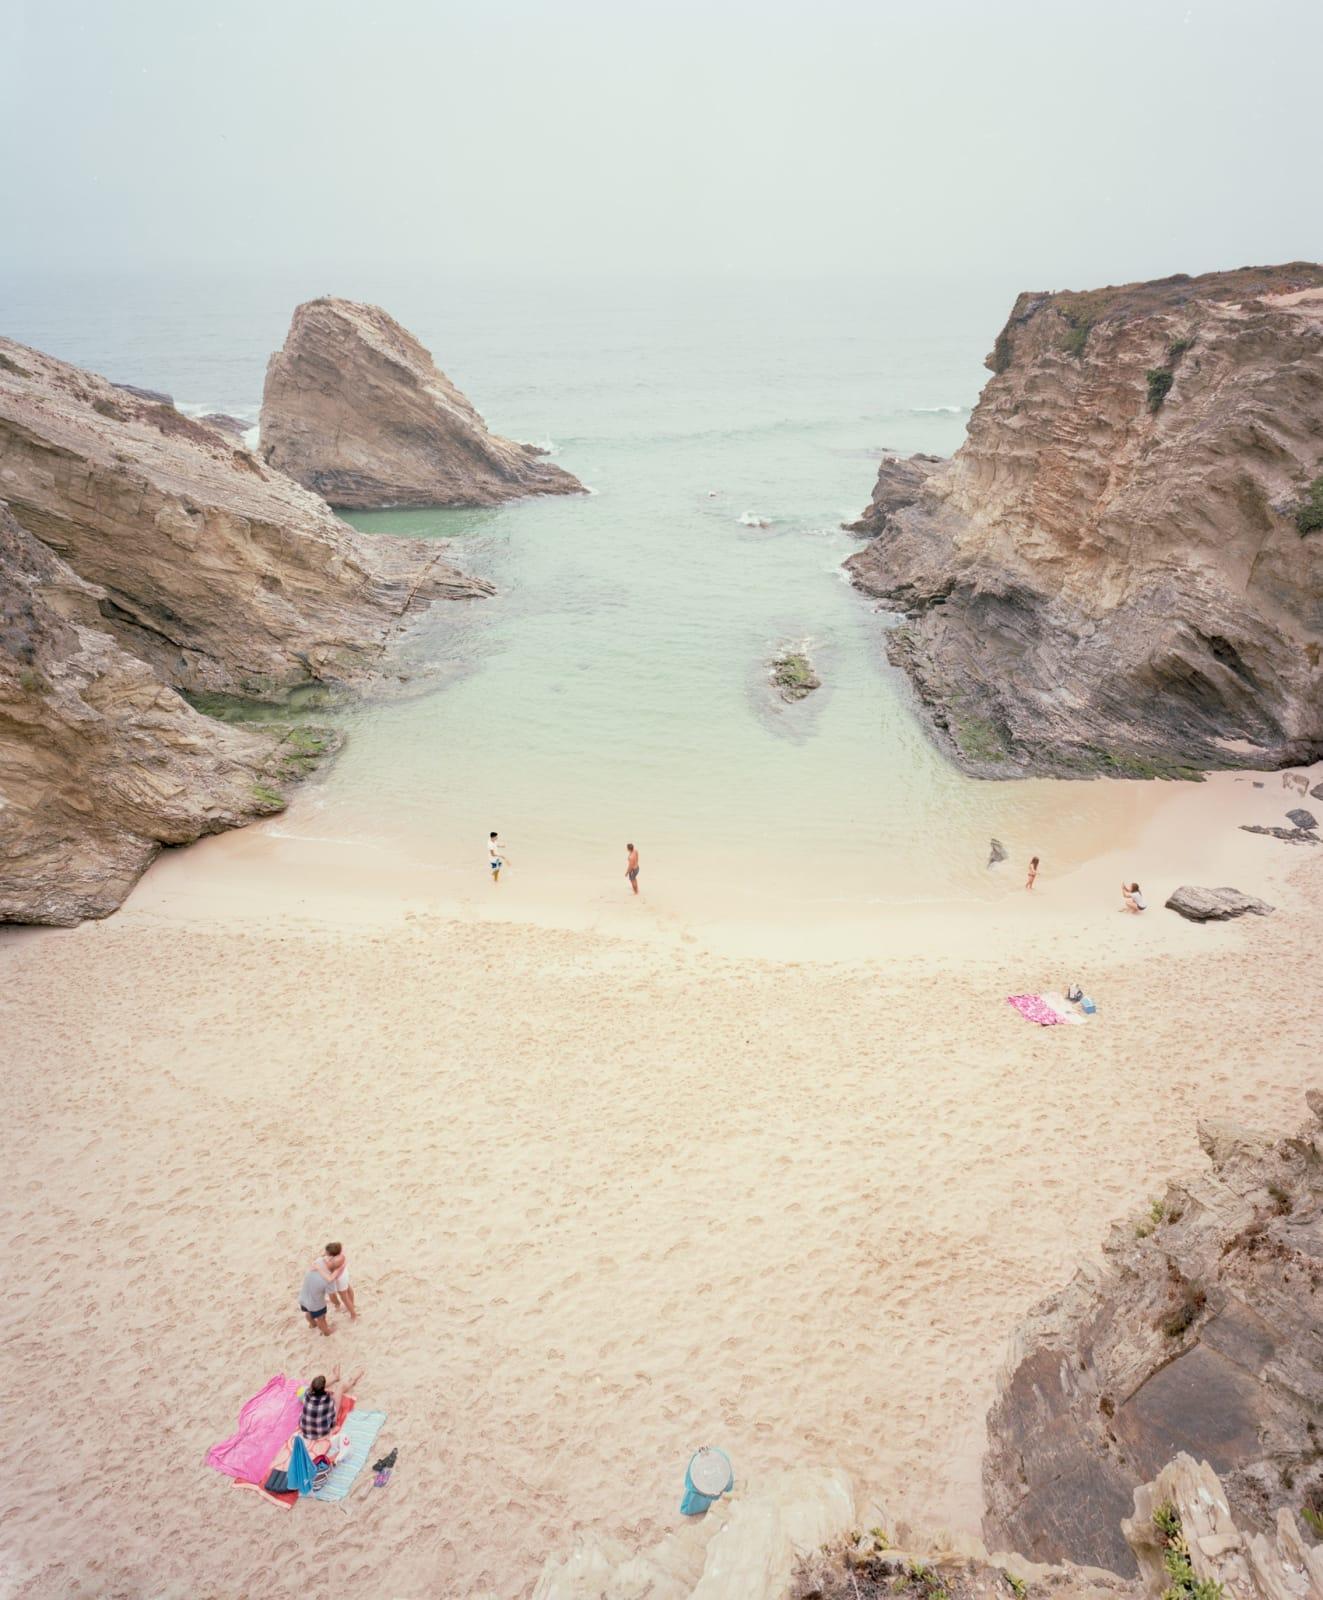 Christian Chaize Praia Piquinia 15/08/13 10h39